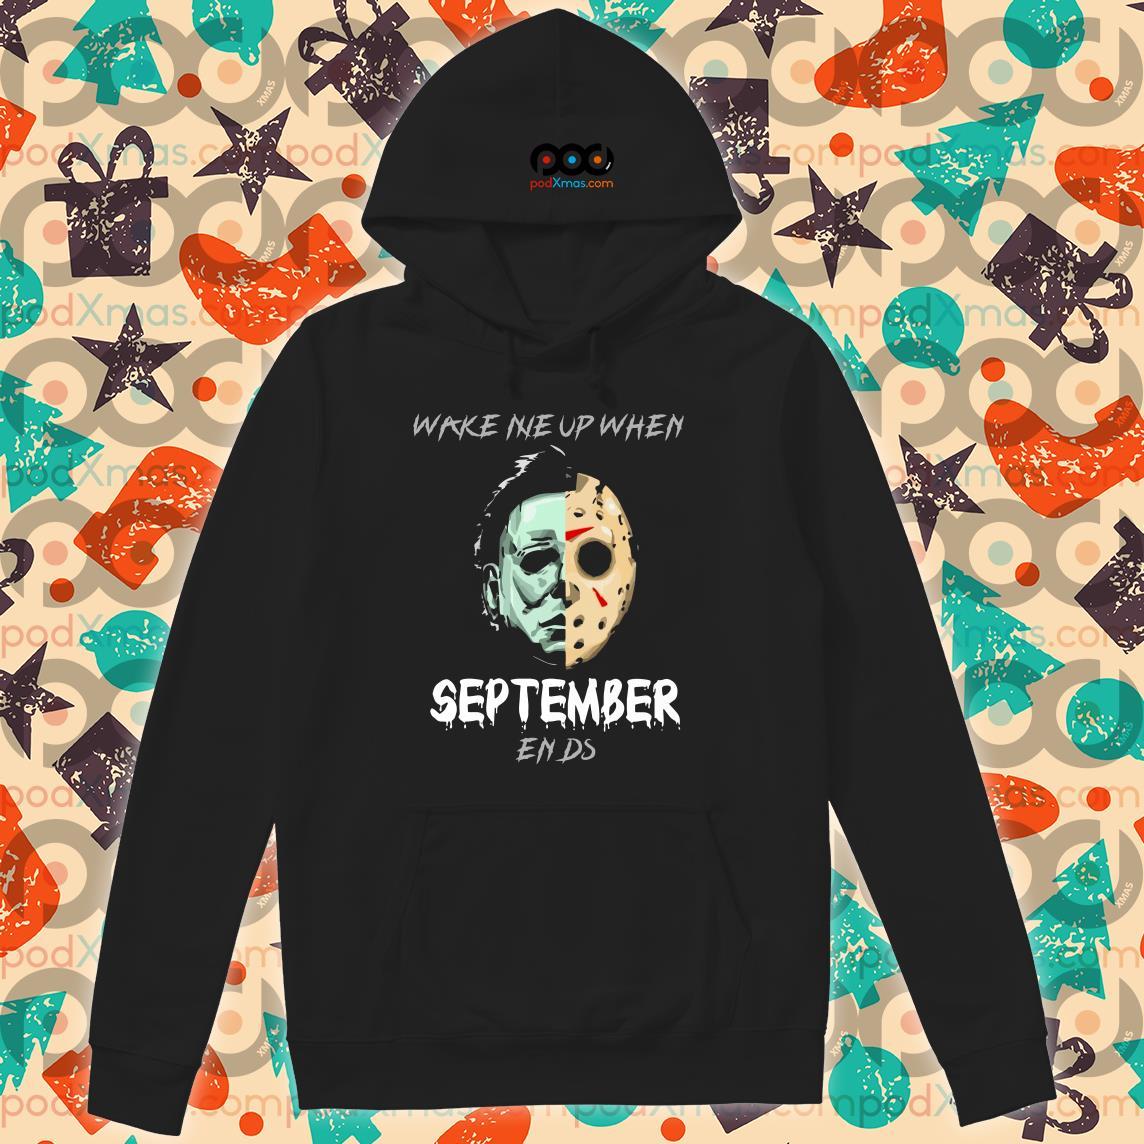 Jason Voorhees Hoodie Spooky Halloween Horror Characters Inspired Hoodie Top